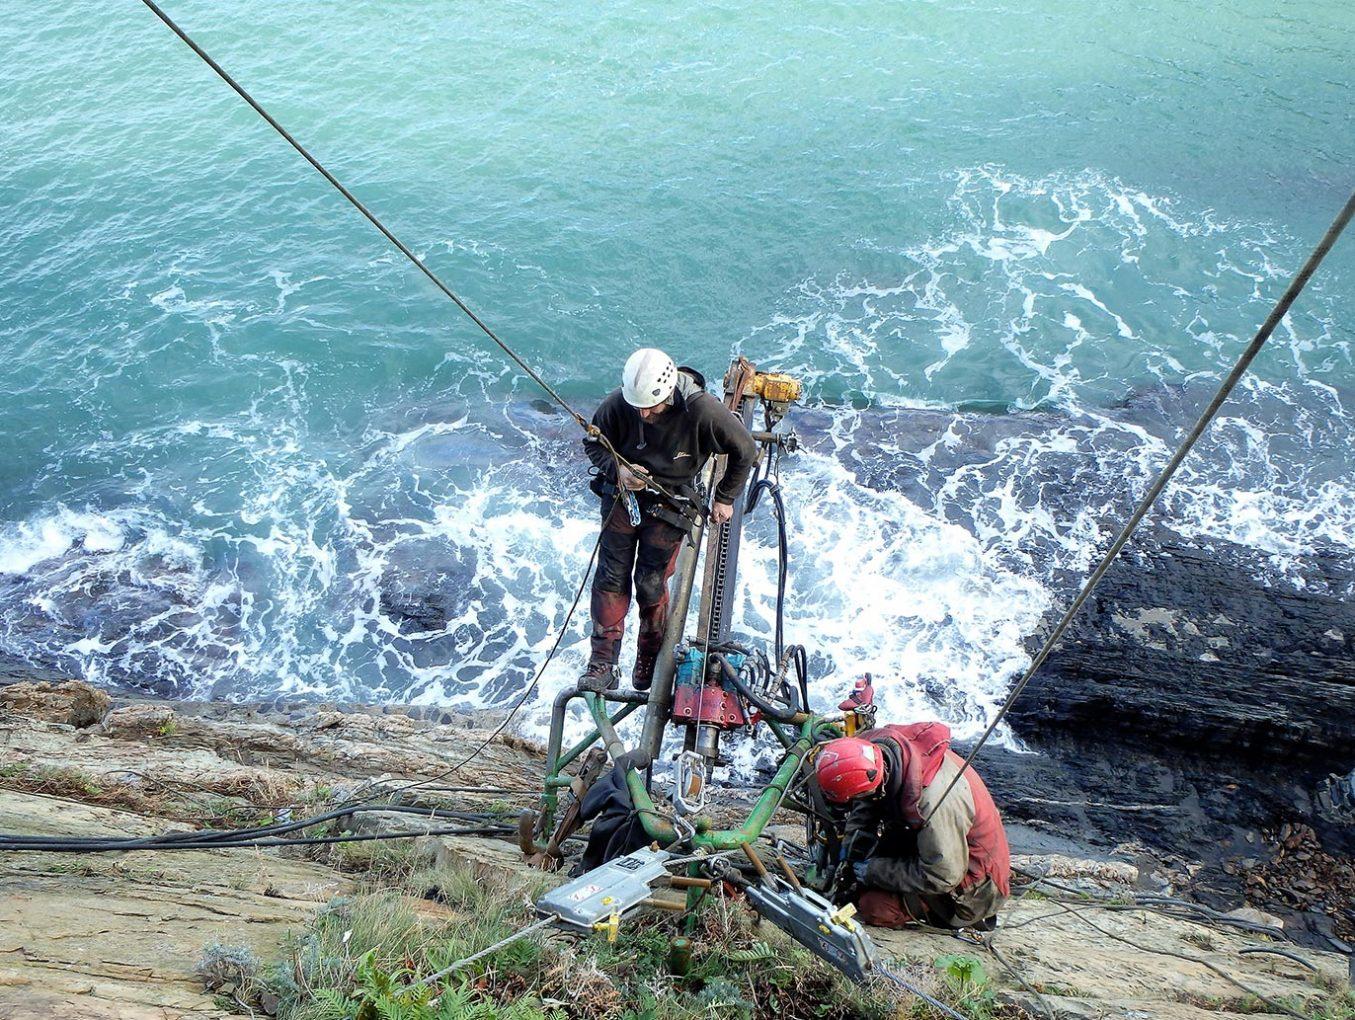 photo travaux-contre-risques-naturels travaux-hauteur cordistes falaise-cerbere-66